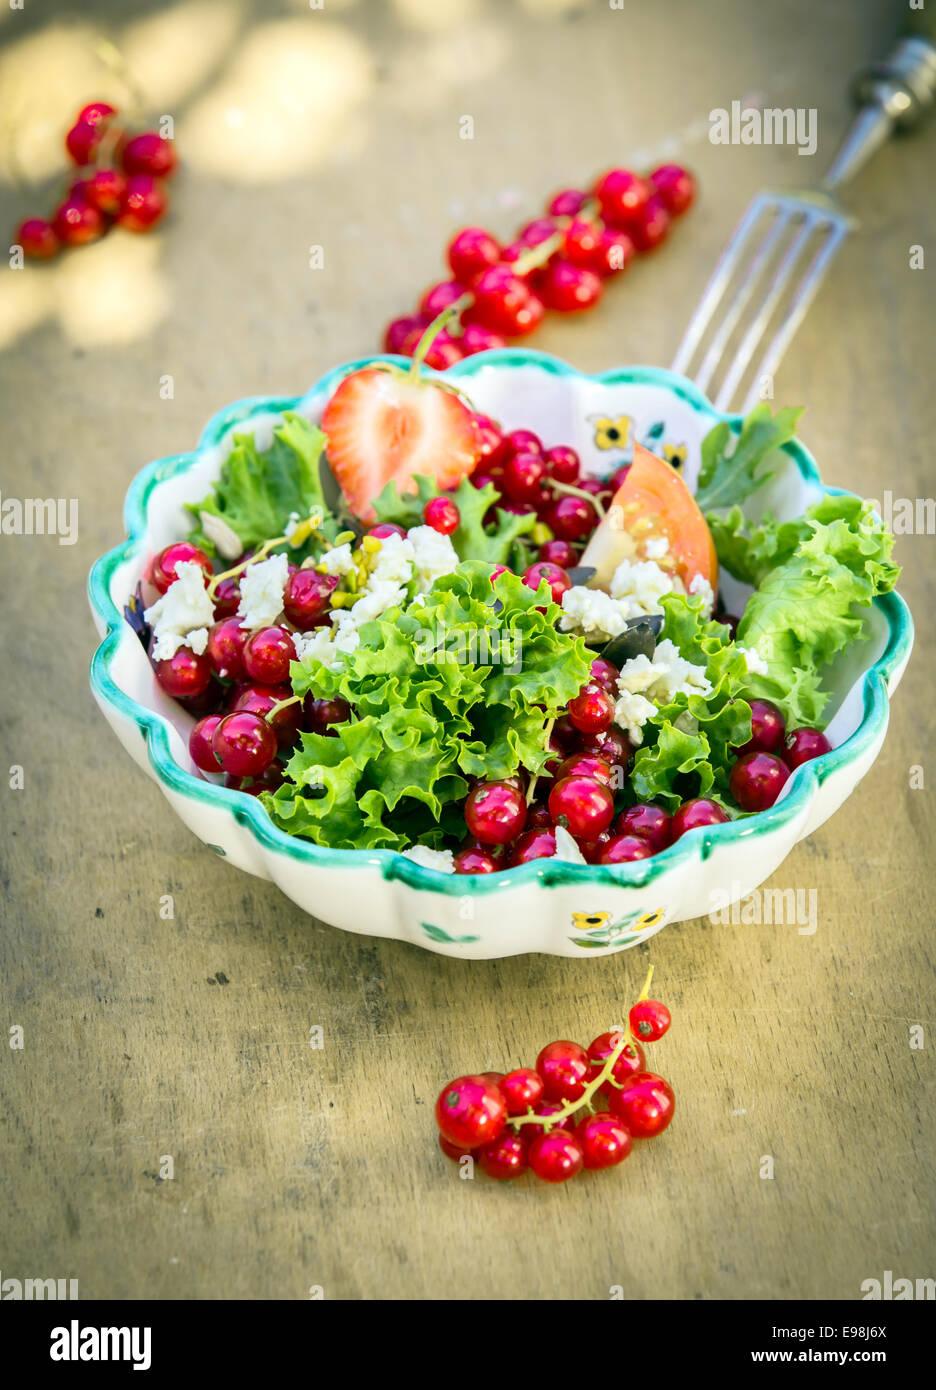 Stuzzicanti fresca insalata estiva in vaso su sfondo di legno. Ottimo per i vegetariani. Immagini Stock